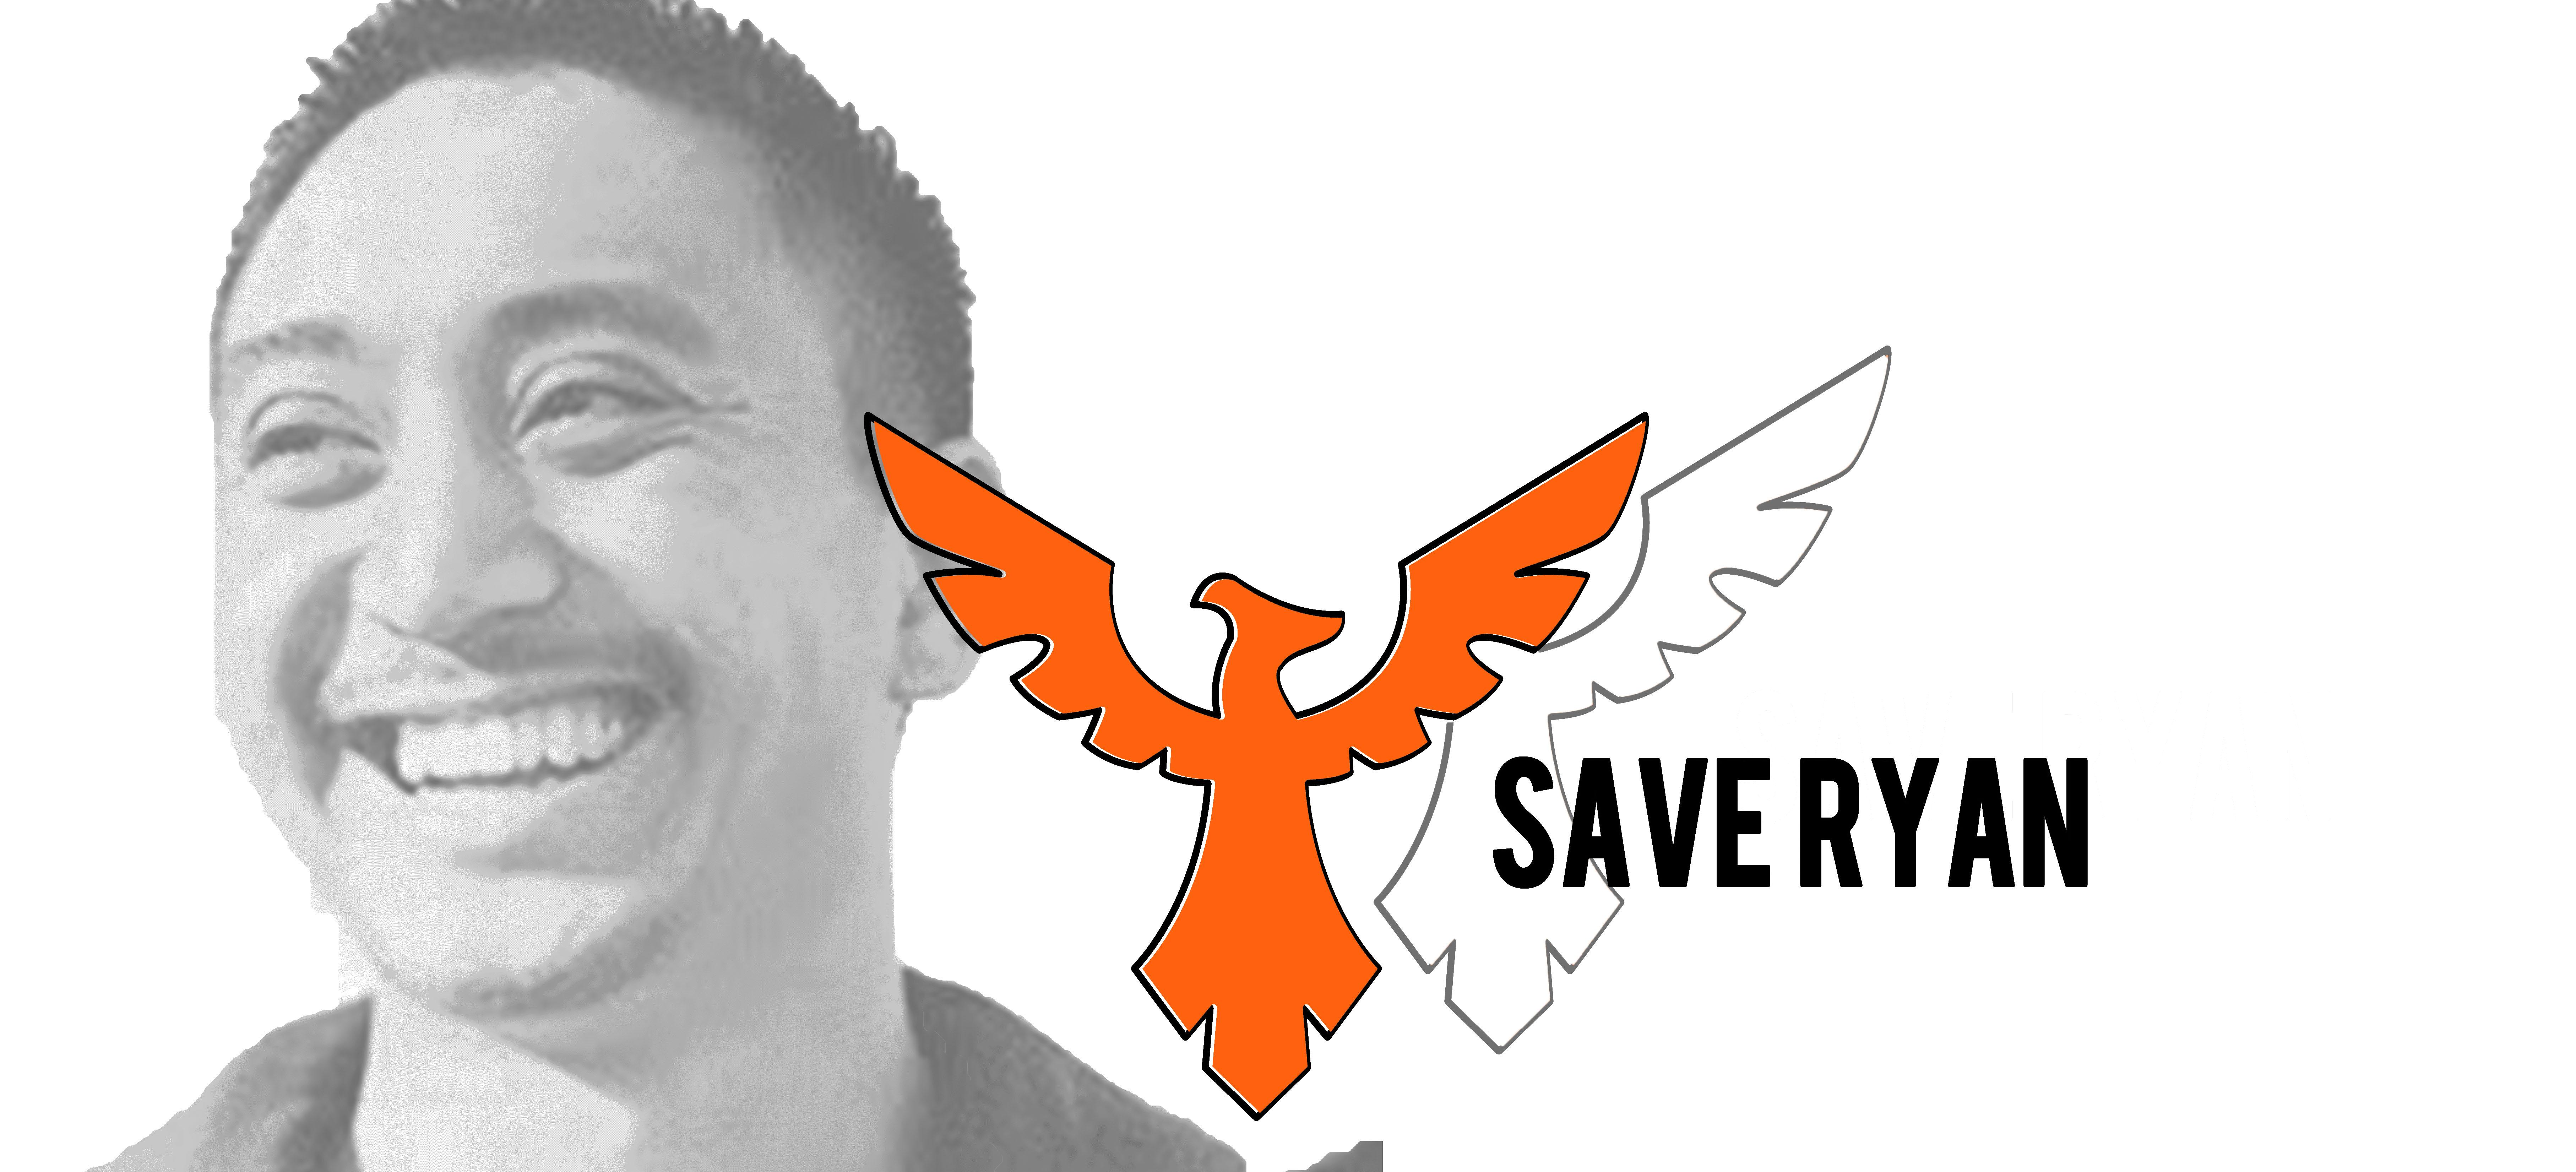 Save Ryan Manansala